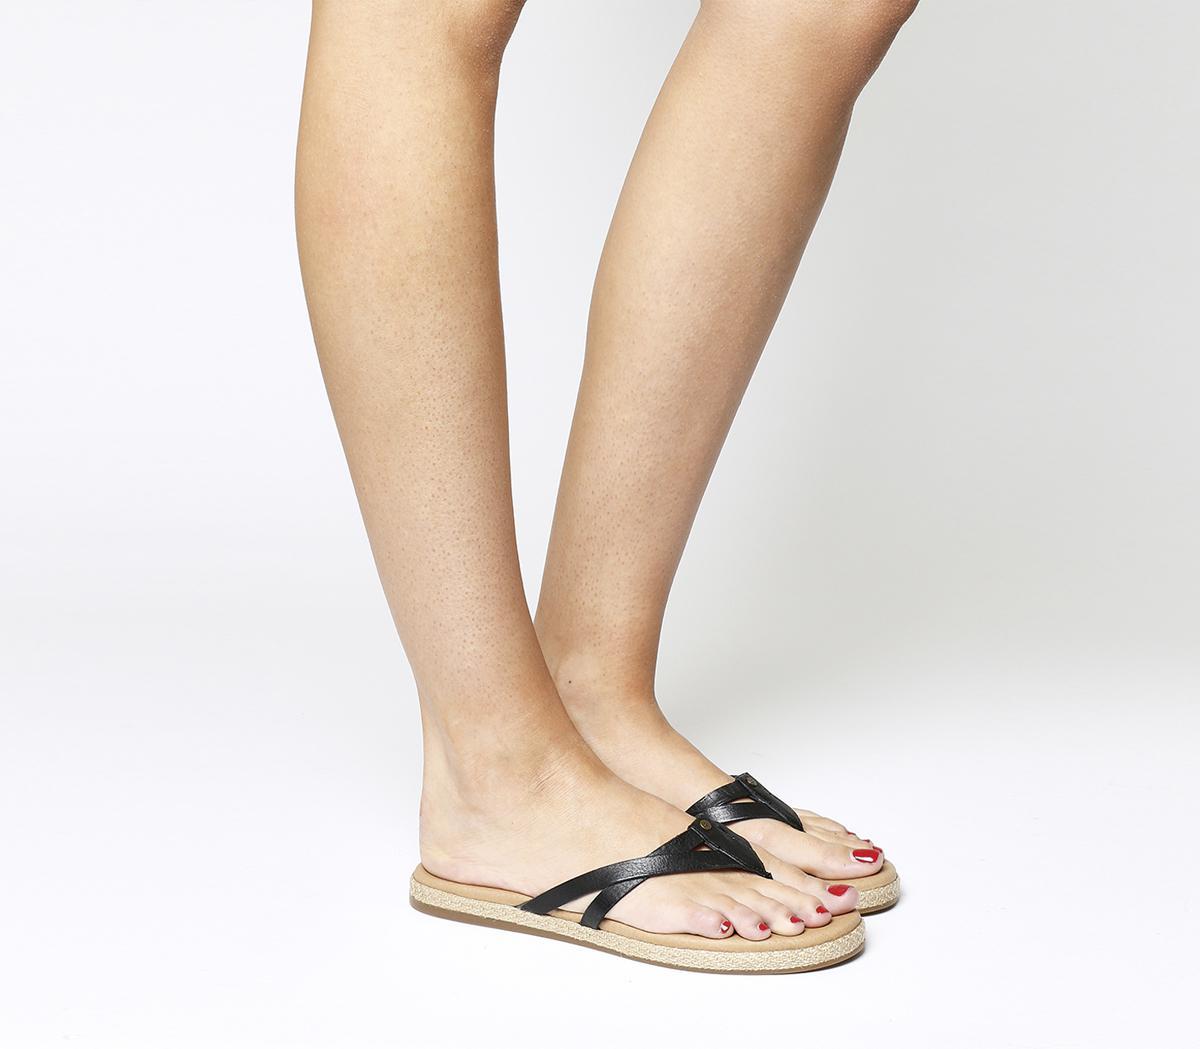 faaaa276e89 UGG Annice Flip Flops in Black - Lyst